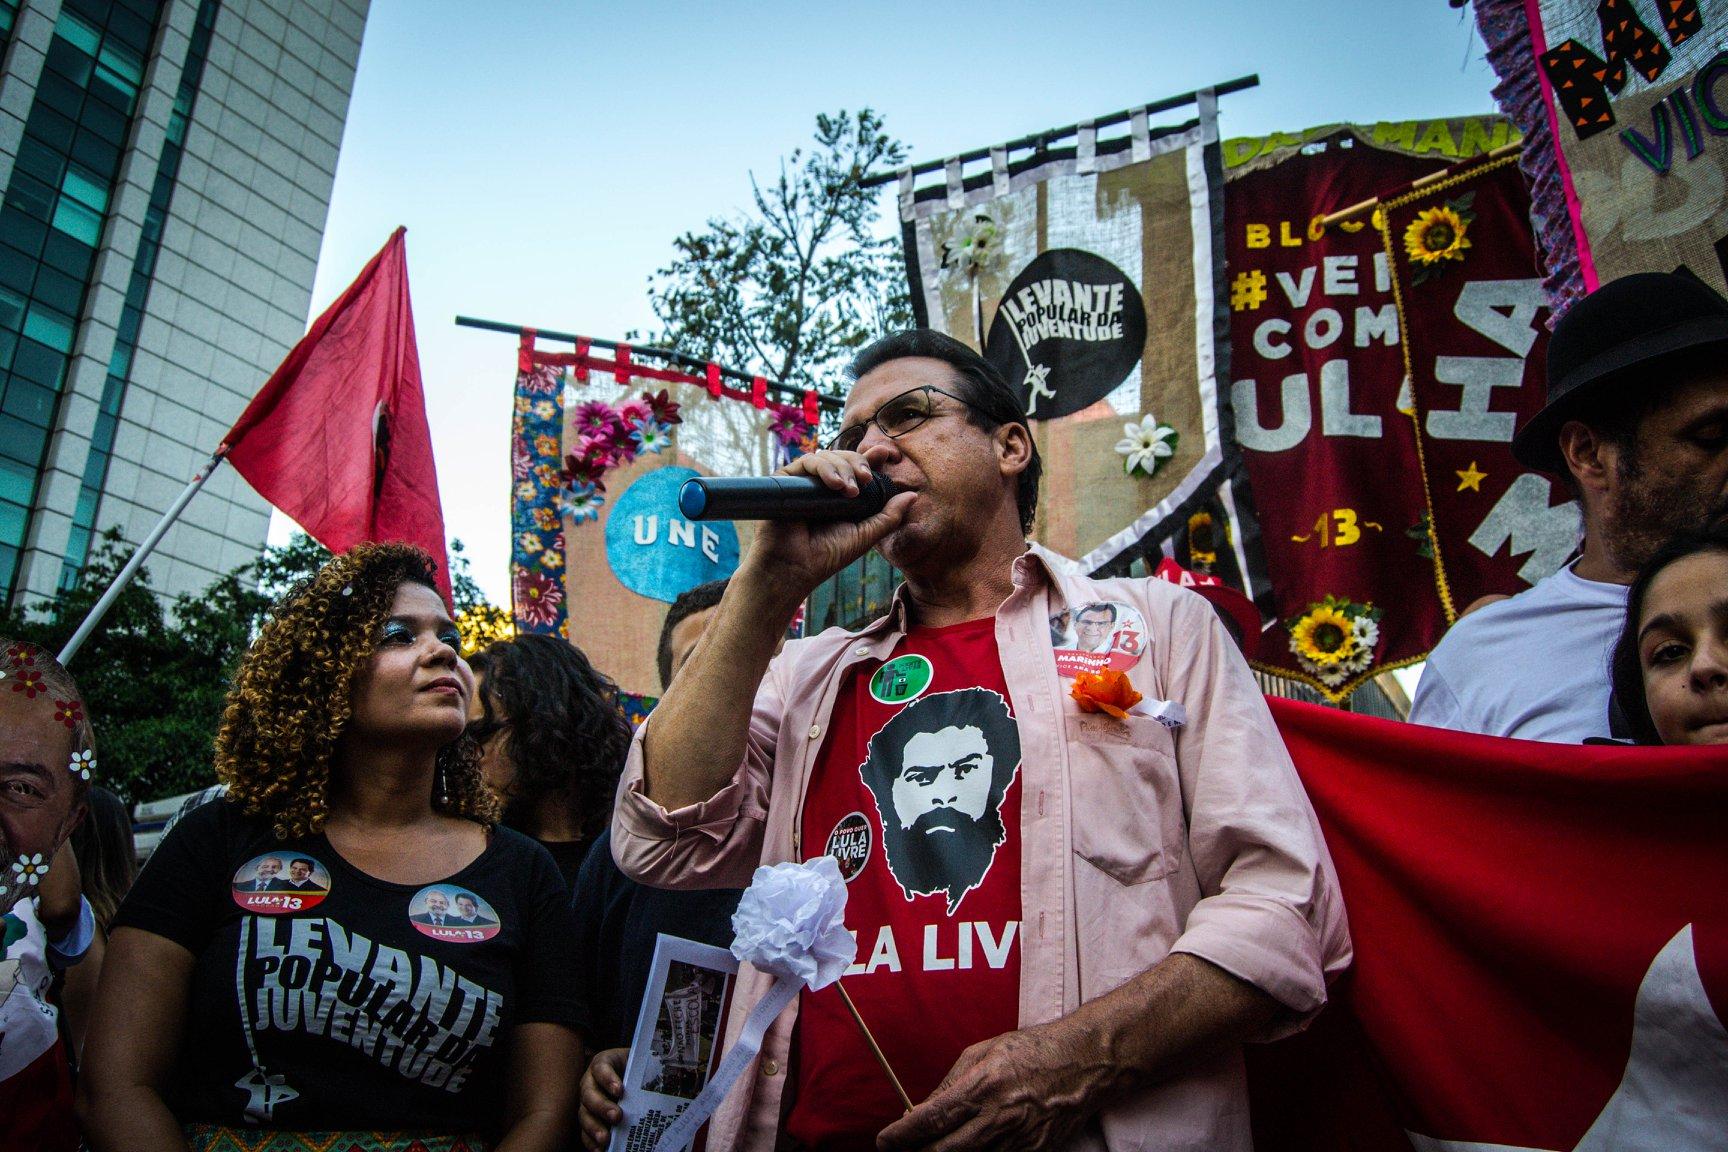 FOTO10A-Bloco vem com Lula